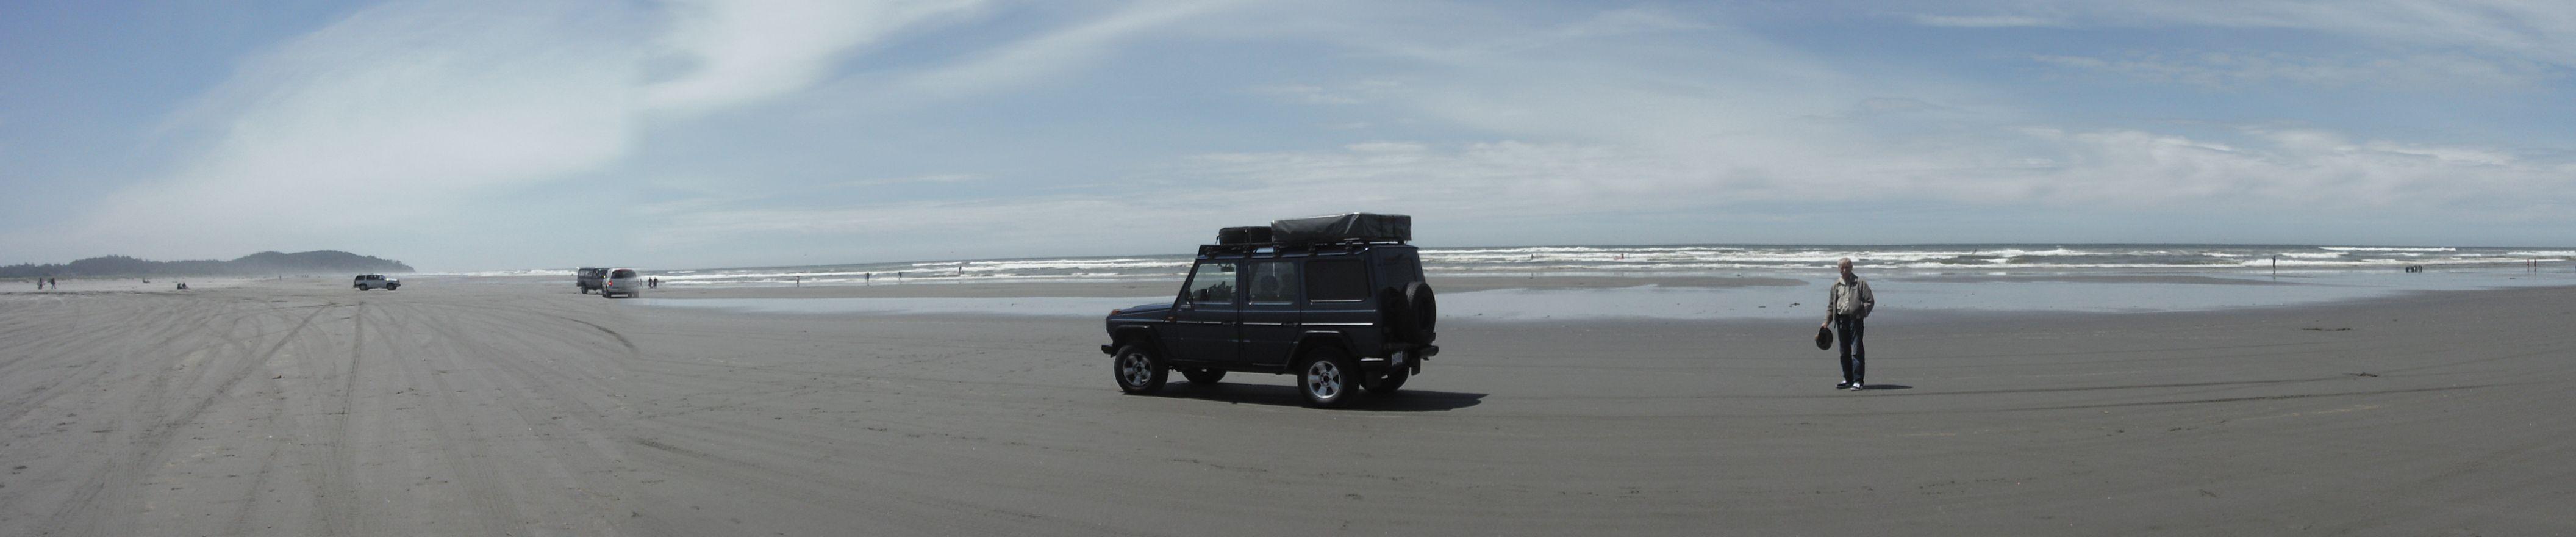 Beach sand Ocean Mercedes Benz 300GD Gelandewagen G wagon G